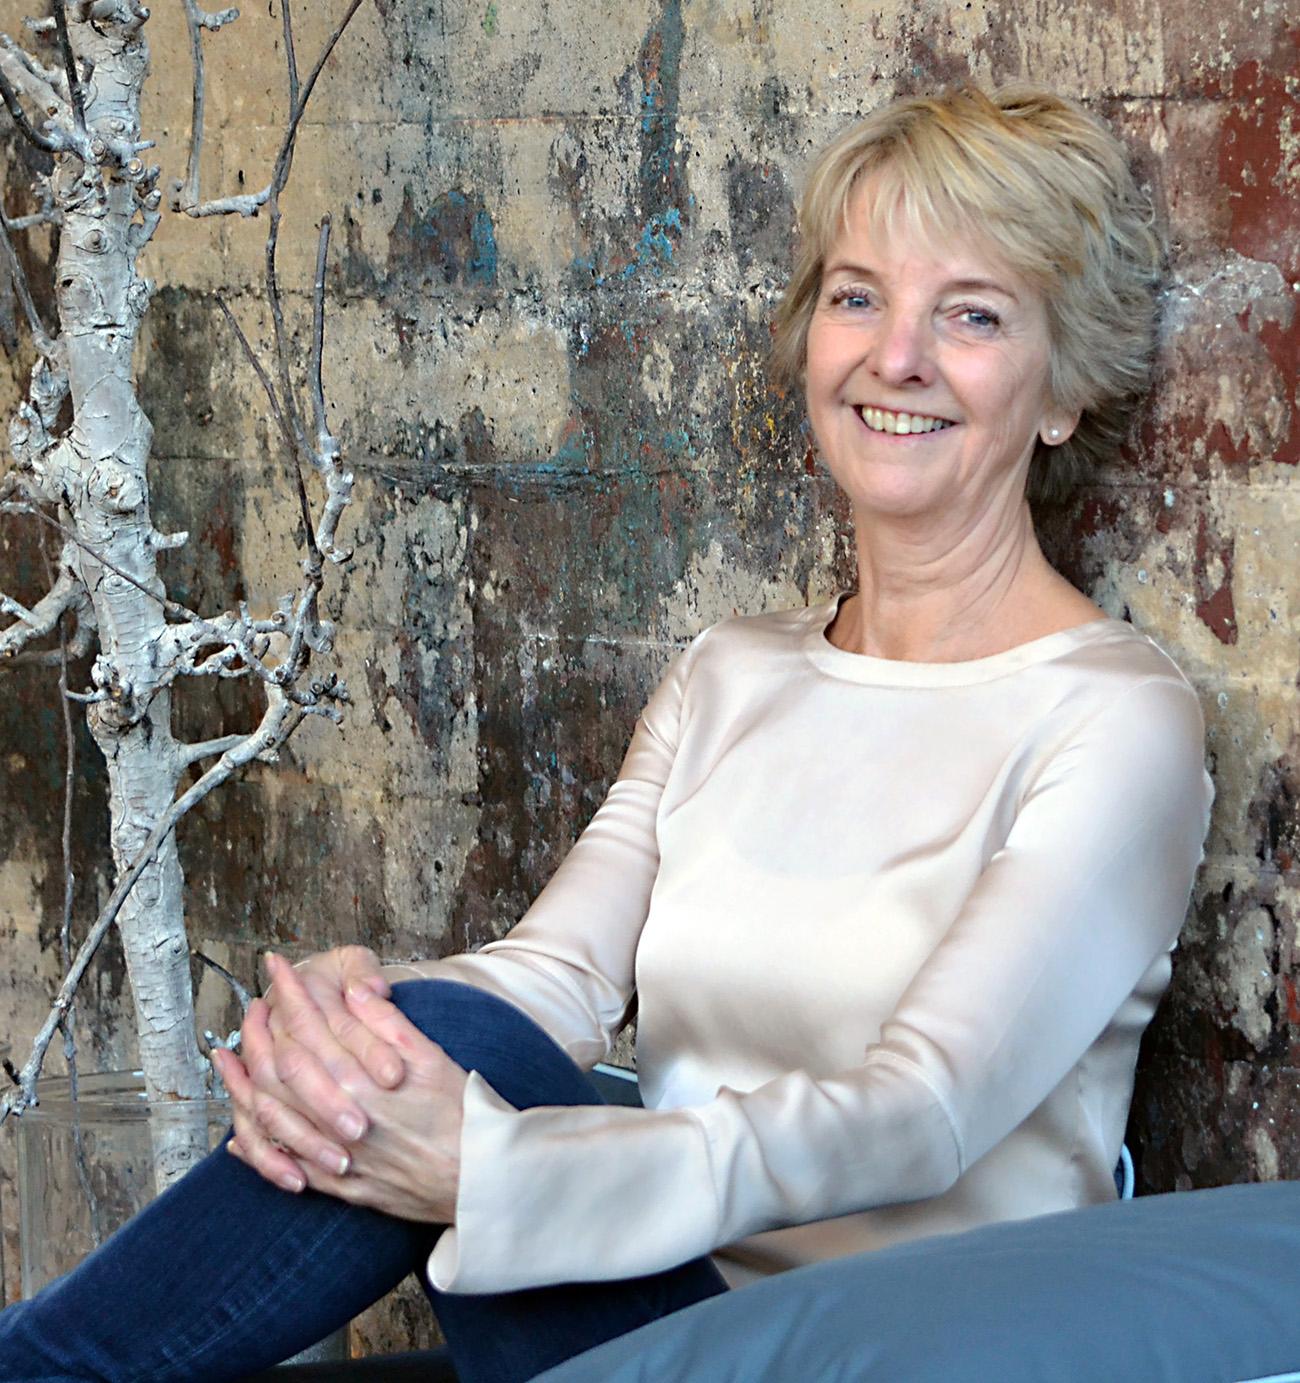 Eva Holten iført hvid silkebluse læner sig op ad rustikmalet væg